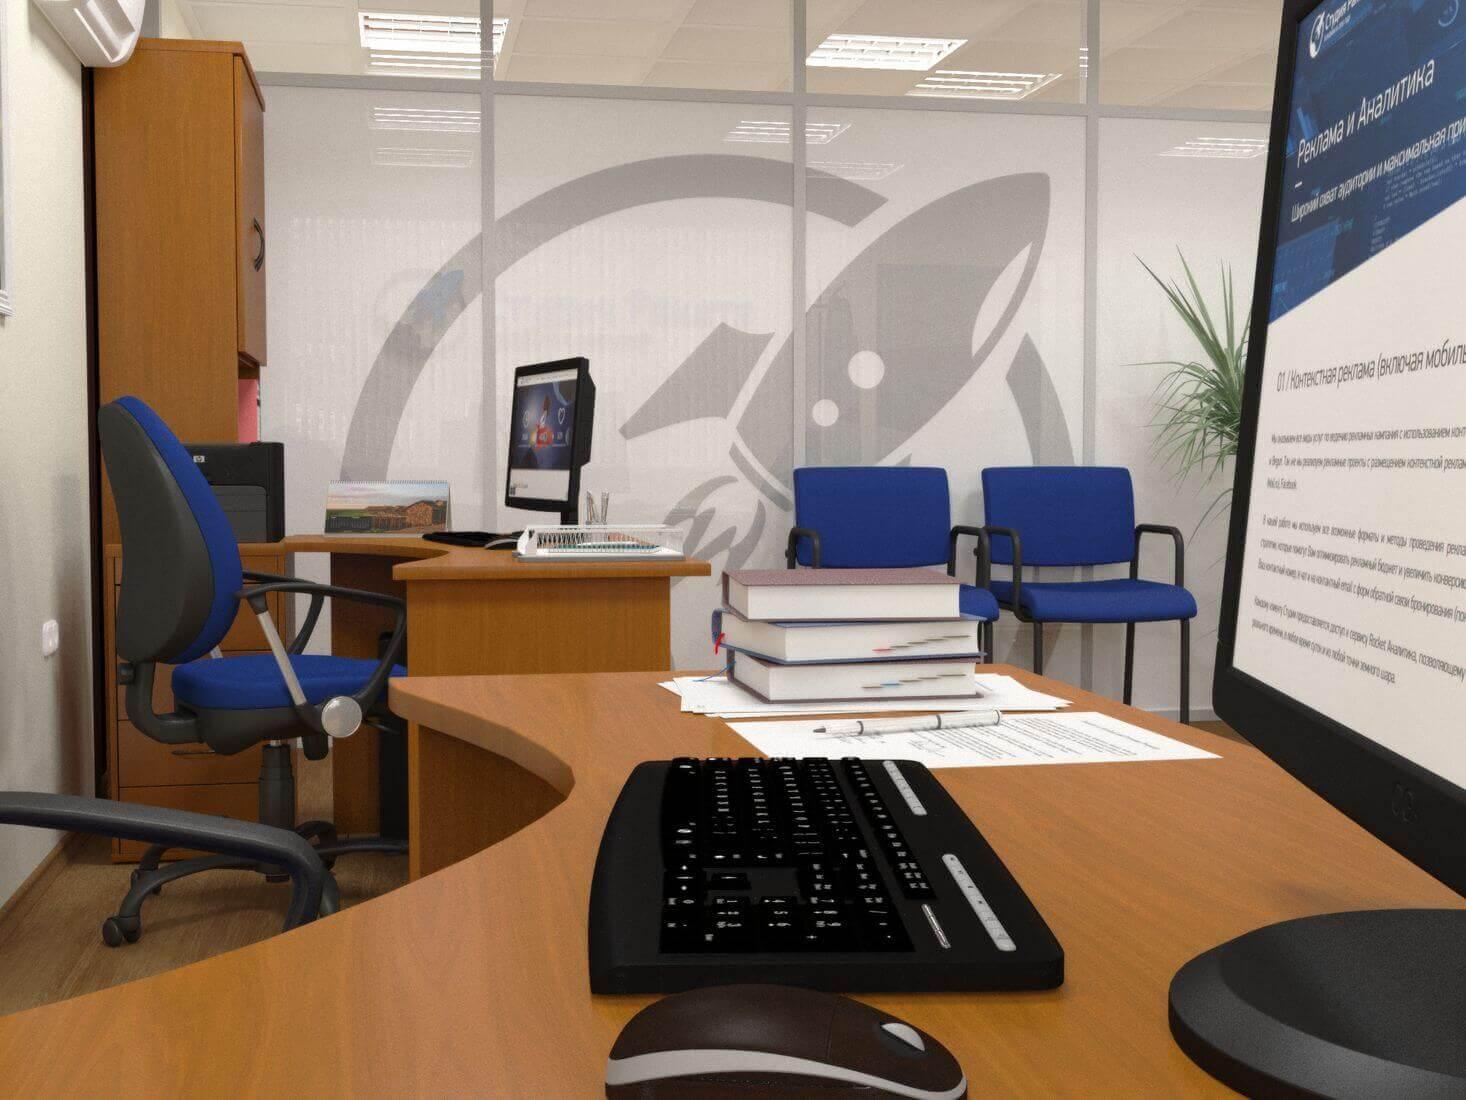 Студия Ракета переехала в новый офис